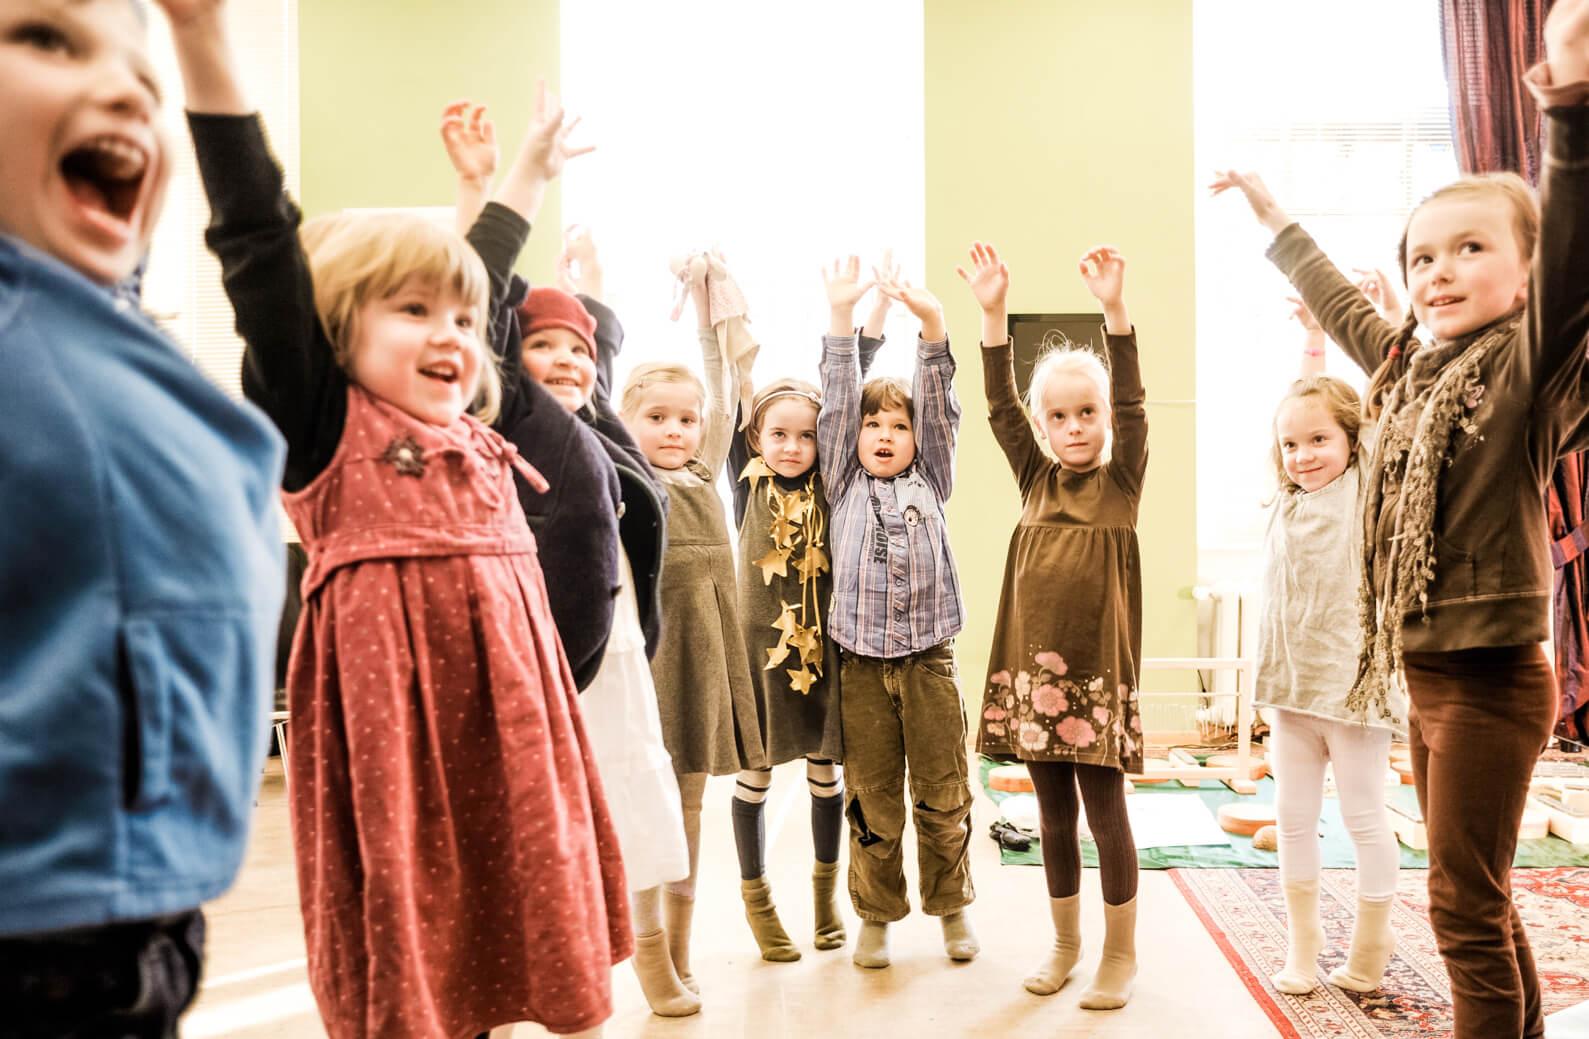 Kinder die die Arme hochwerfen